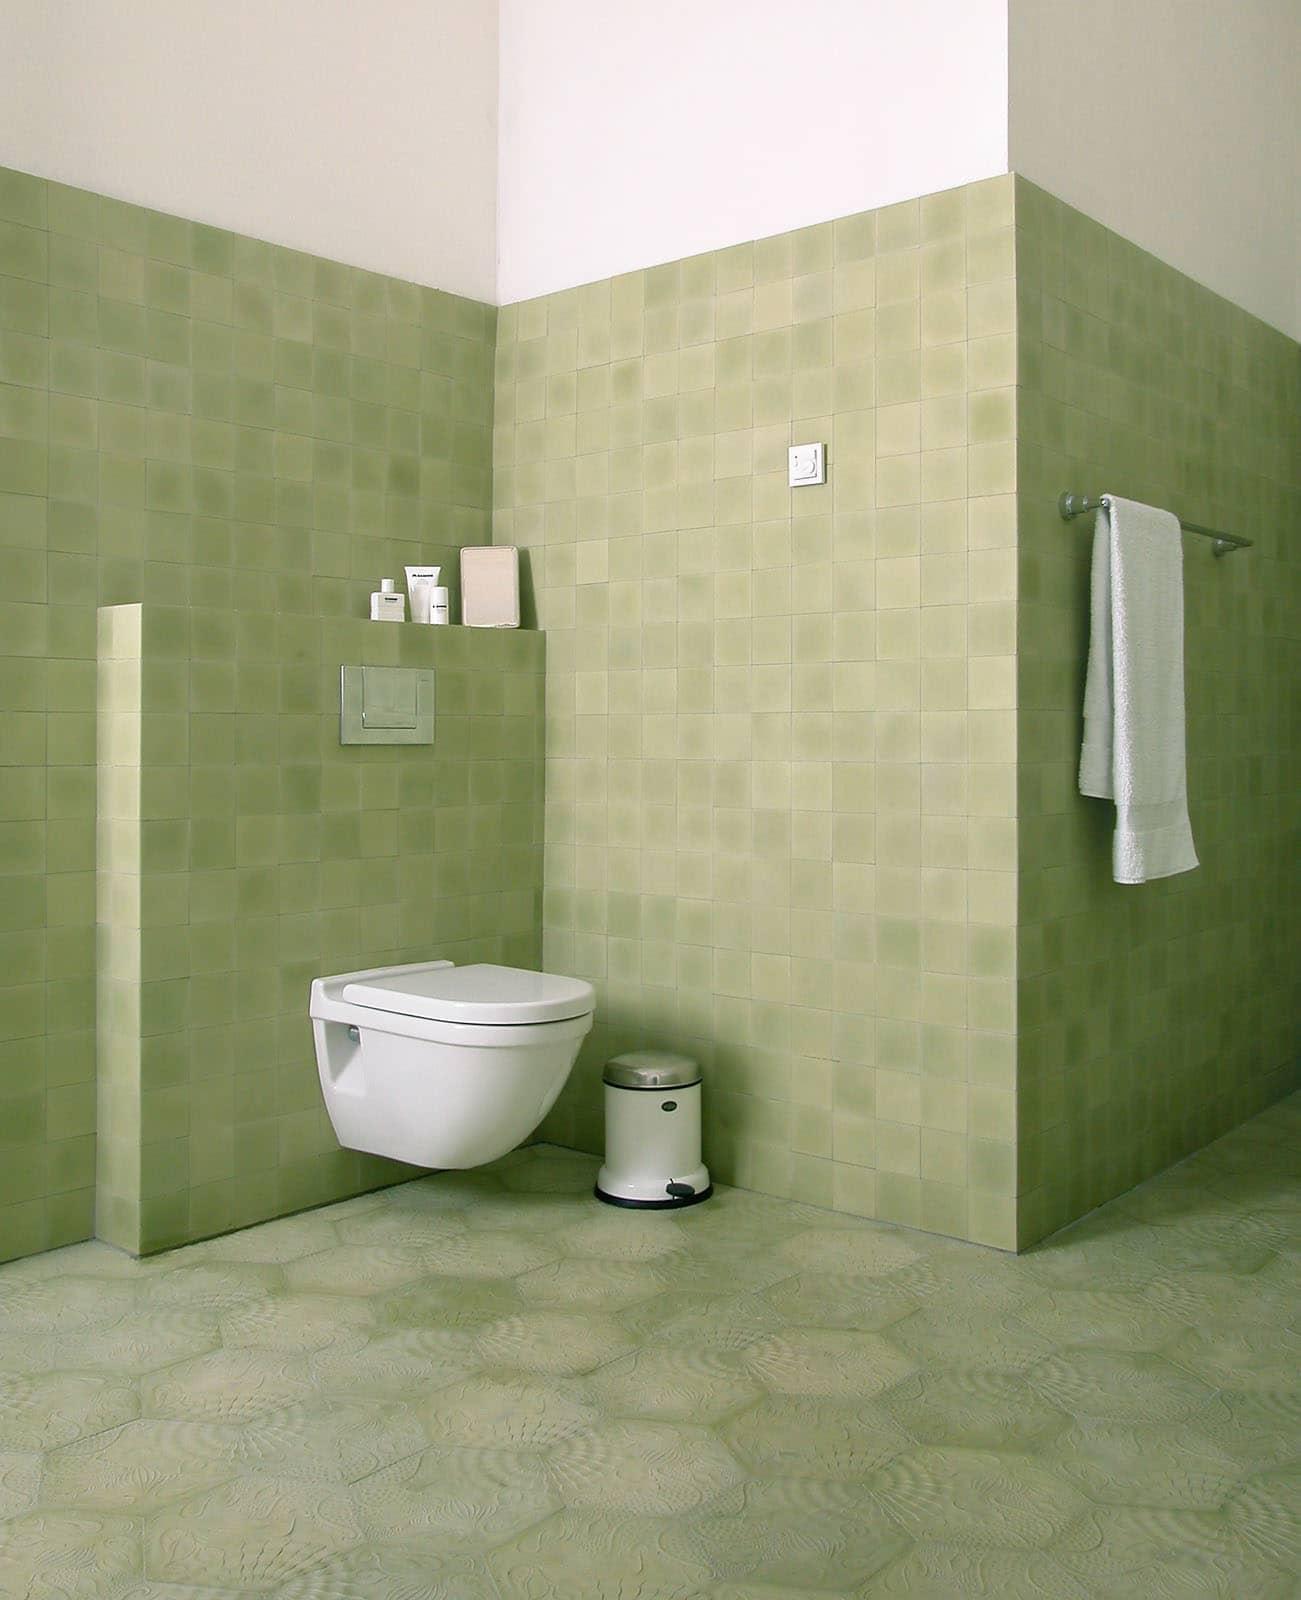 zementfliesen-terrazzofliesen-kreidefarbe-terrazzo-fugenlos-viaplatten-021-bad | 021